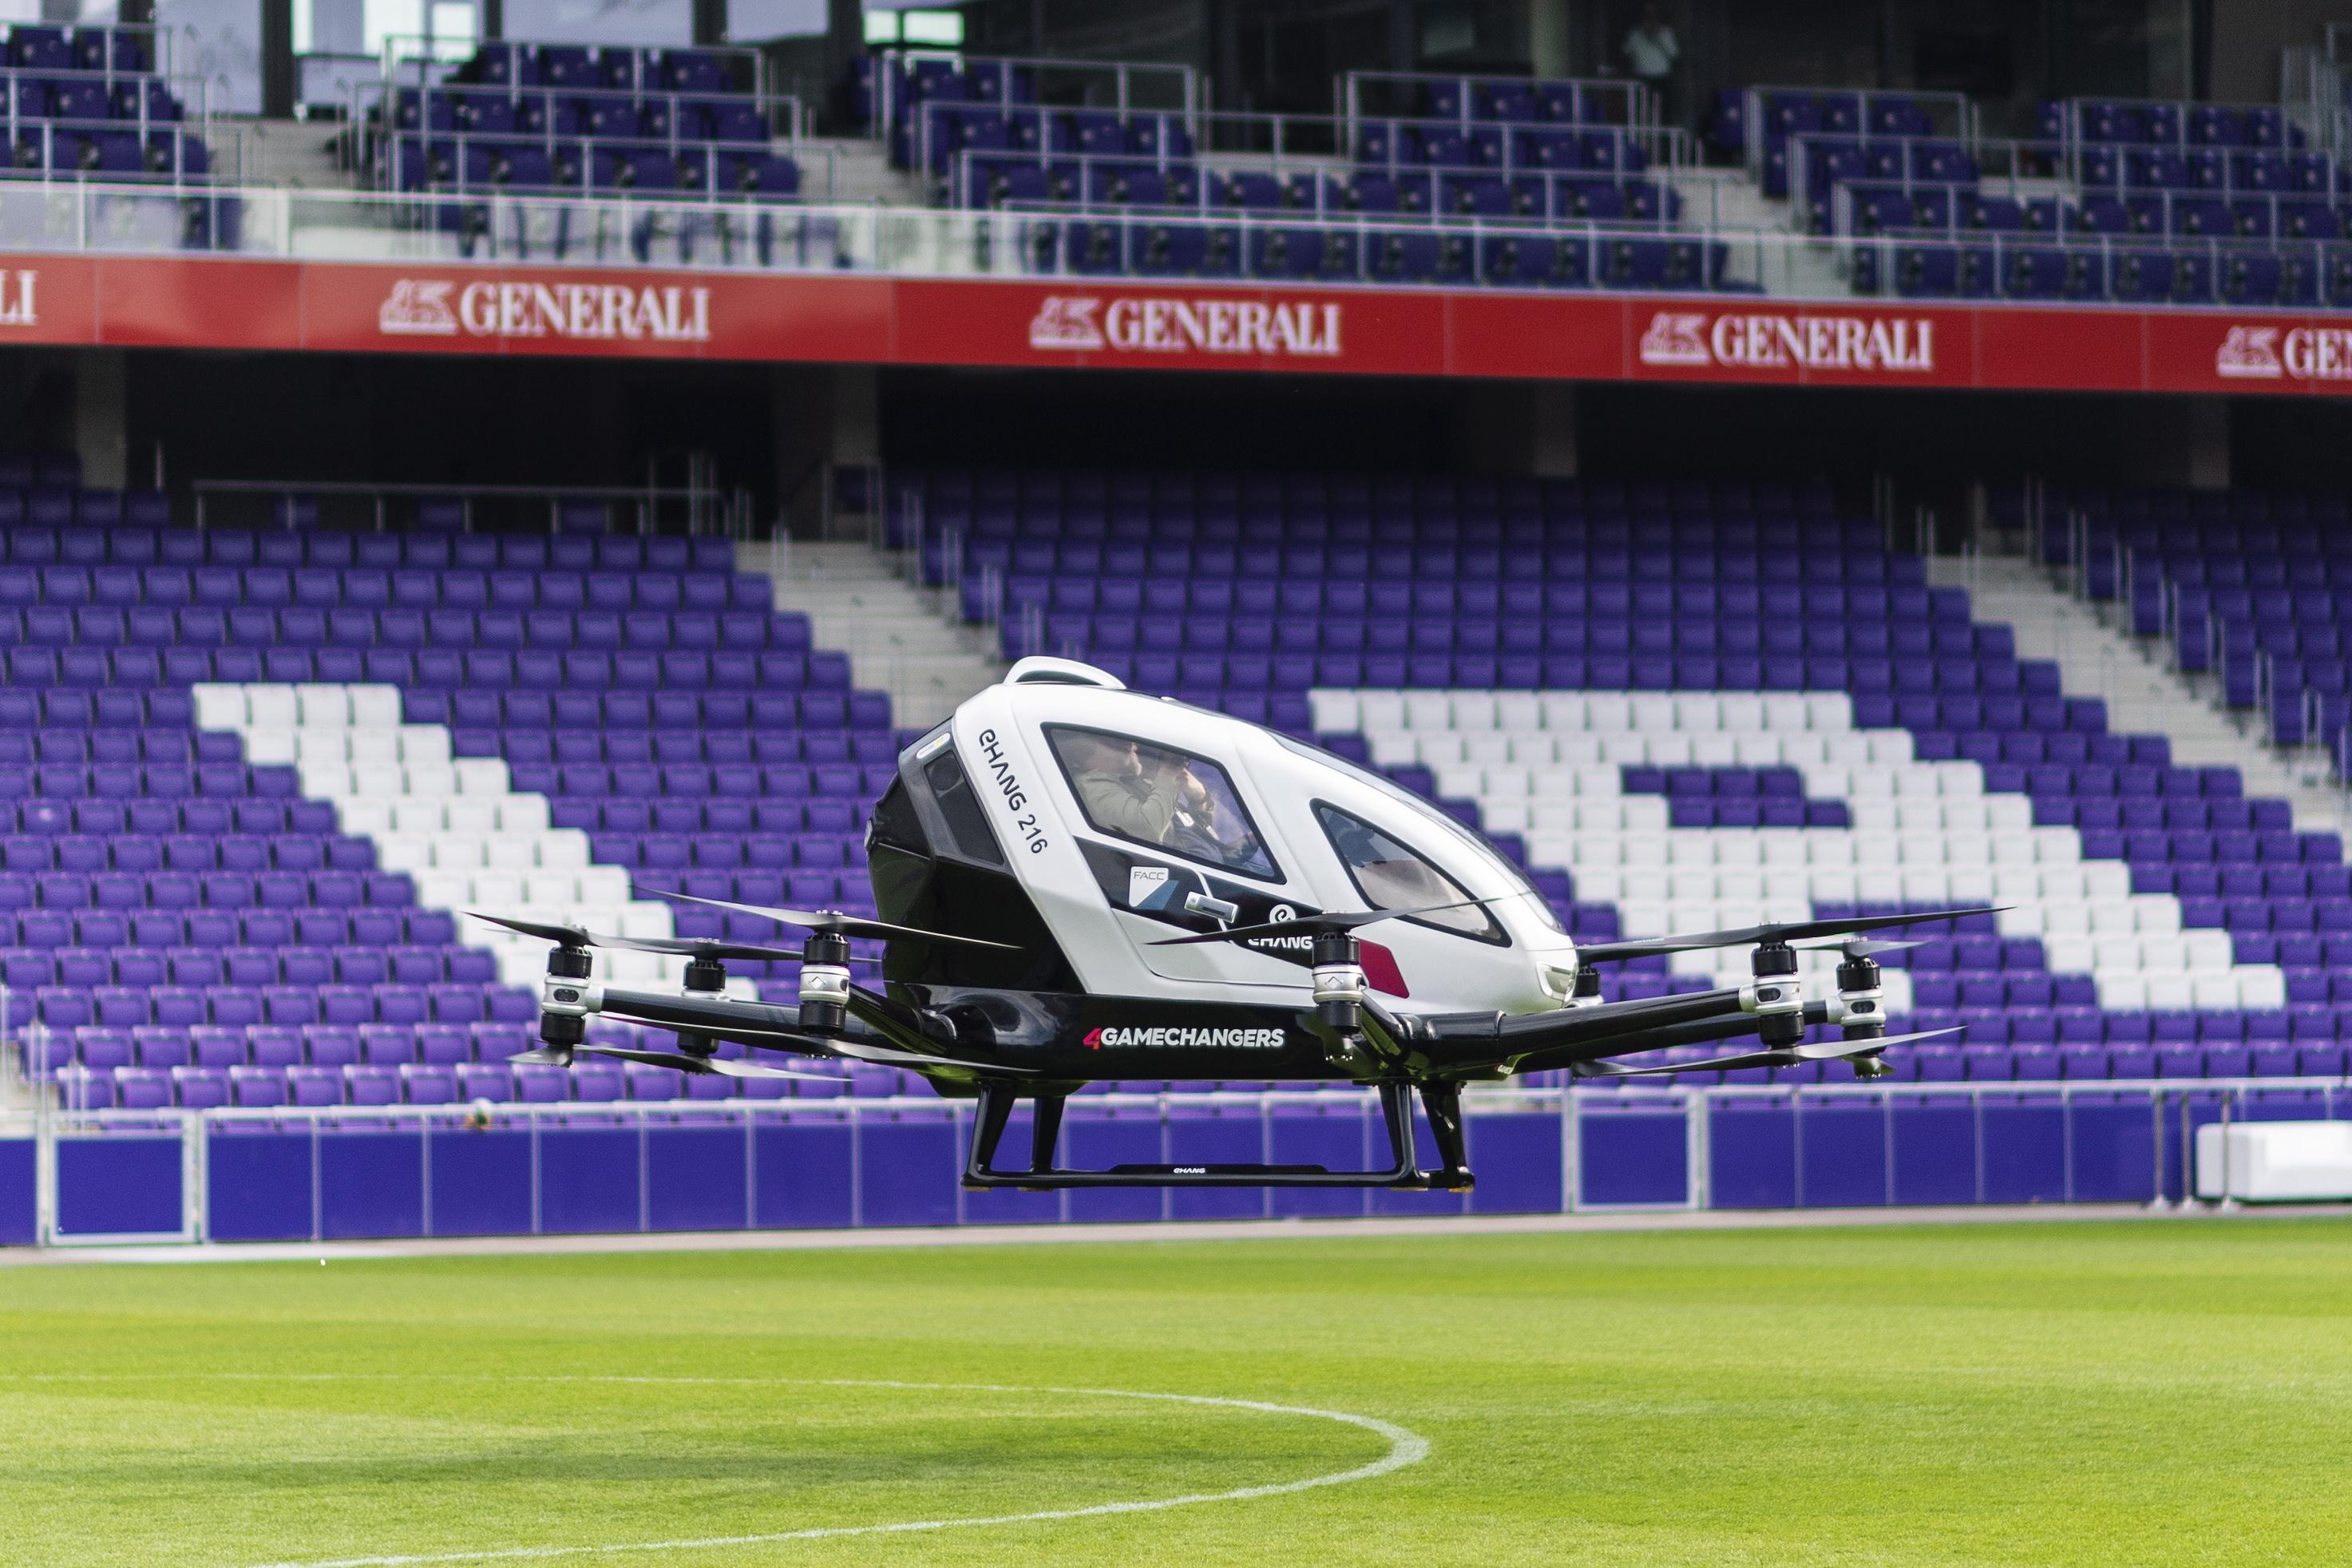 """Ehang 216, двуместен автономен пътнически летателен апарат на китайски безпилотен производител Yi-Hang Creation Science & Technology Co. AG на """"Градска въздушна мобилност"""" на футболния стадион Дженерали Арена във Виена, Австрия."""